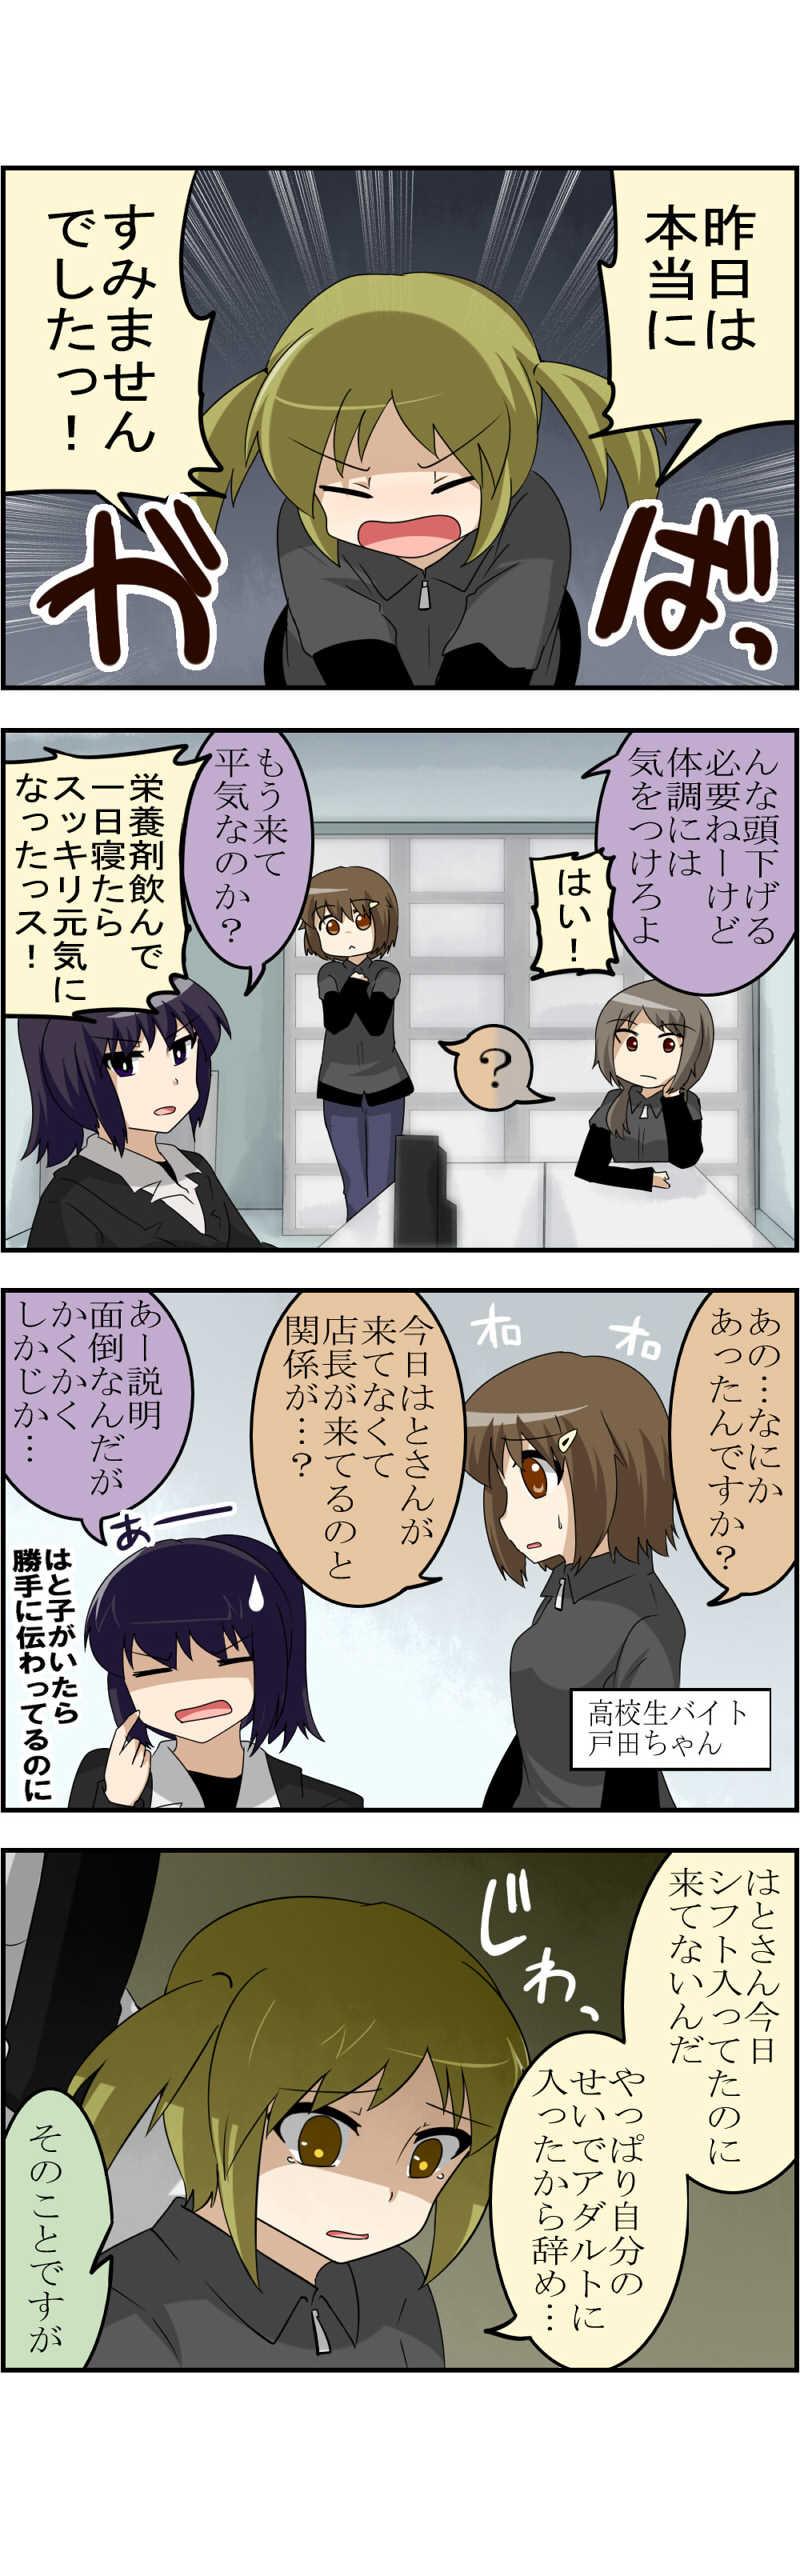 第34話「ハートフルフレンズ④」